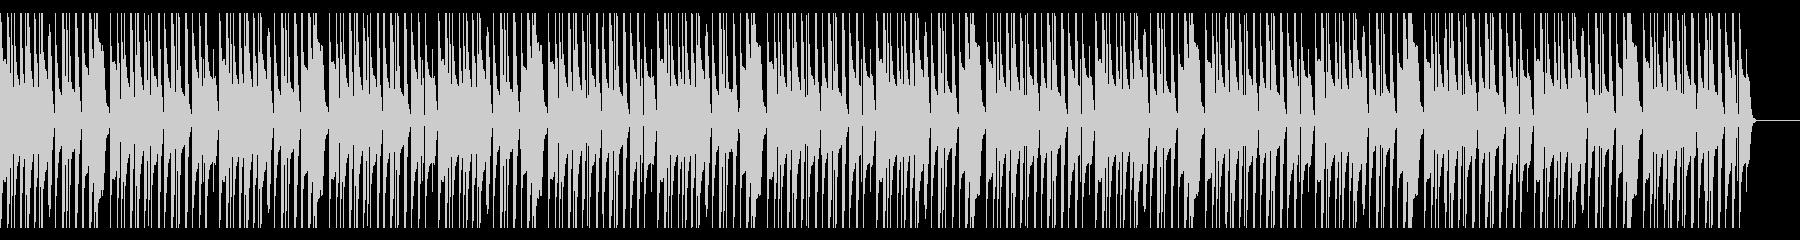 ほのぼのとしたマリンバBGMの未再生の波形